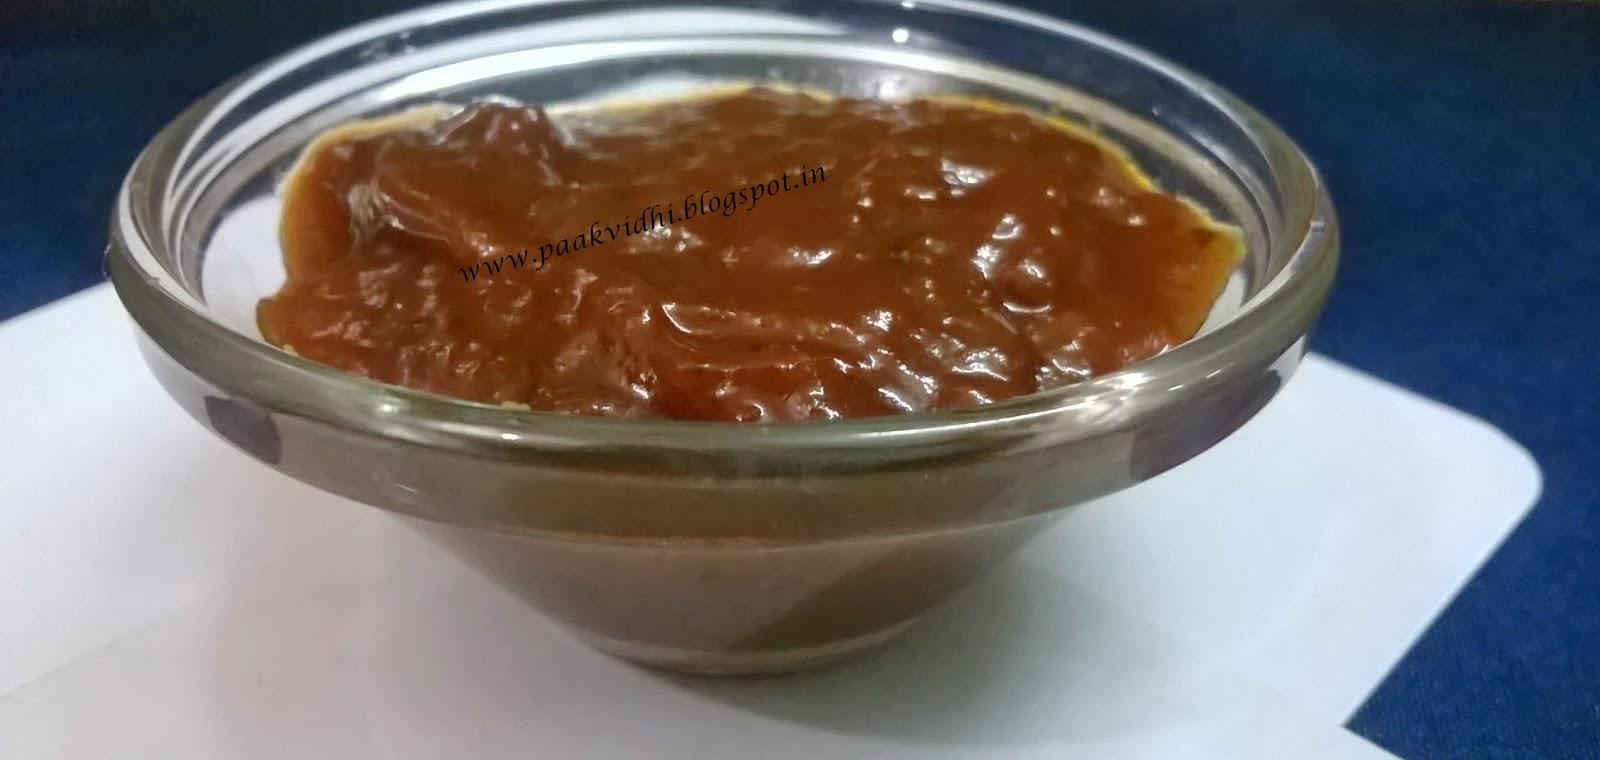 http://paakvidhi.blogspot.in/2014/01/pizza-pasta-sauce.html